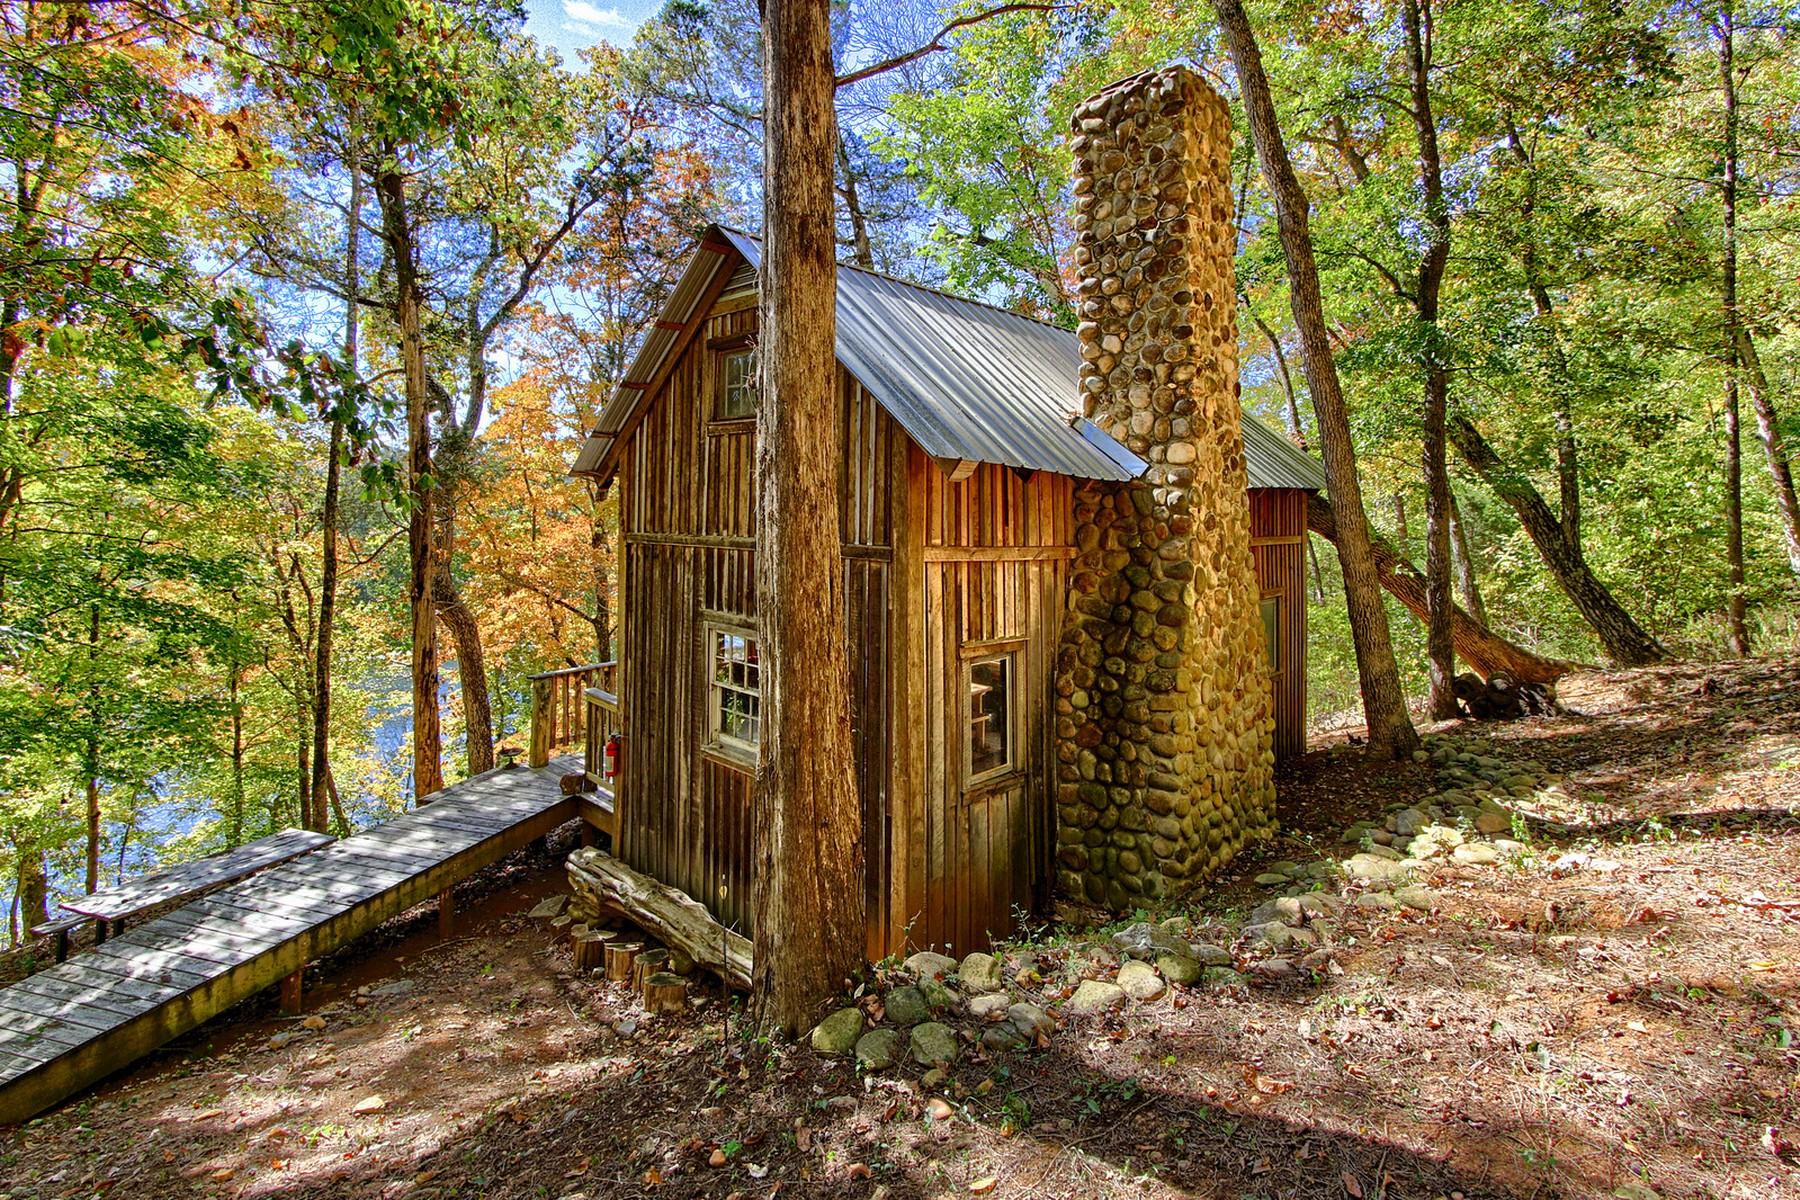 Casa Unifamiliar por un Venta en Historic Cabin on the French Broad River 949 River Road Kodak, Tennessee 37764 Estados Unidos